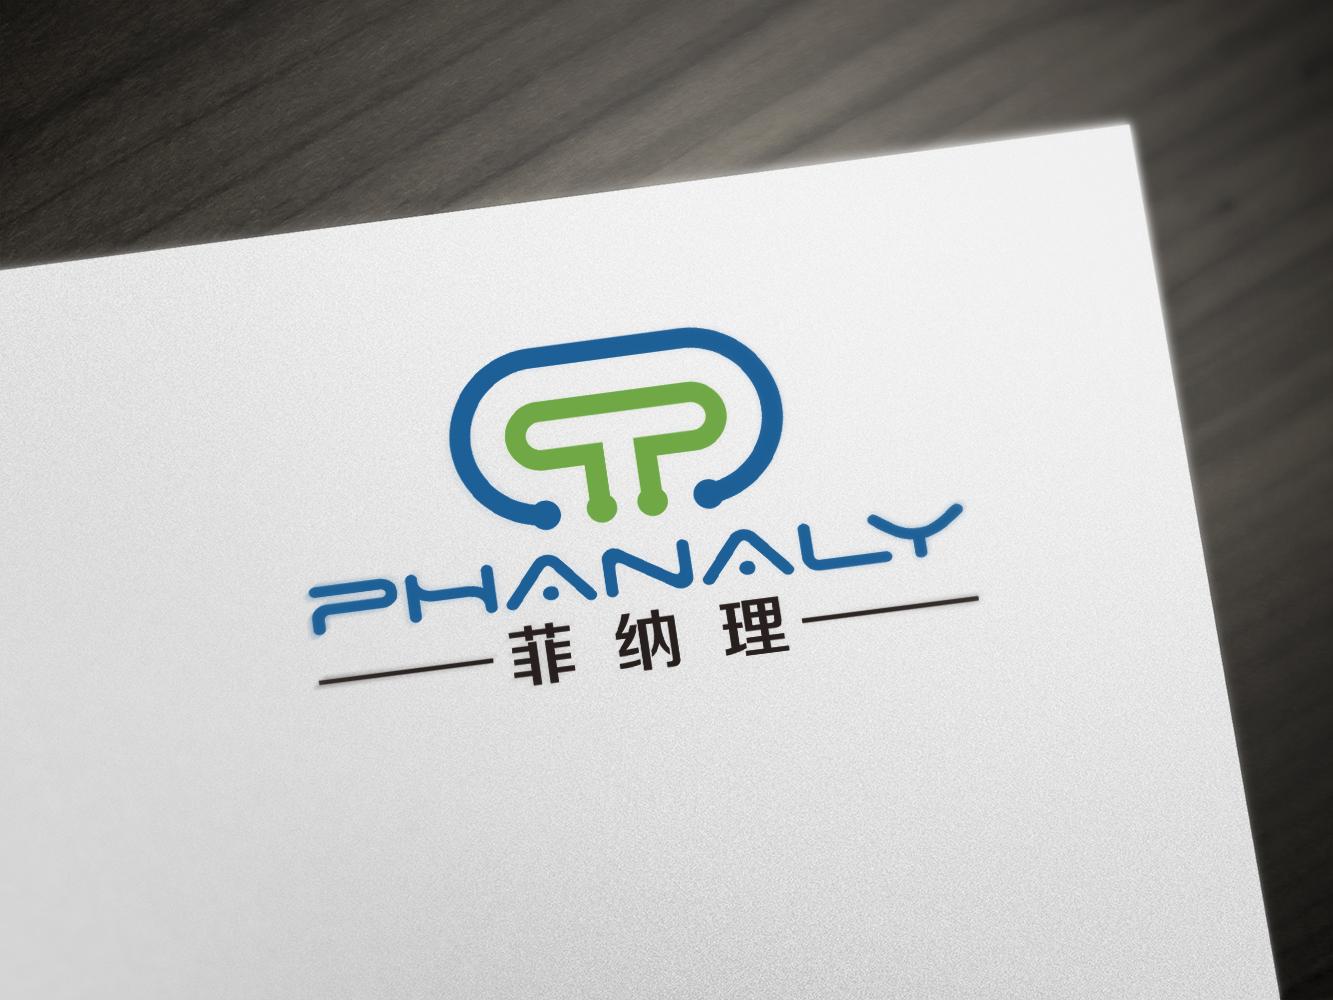 热分析仪器行业logo设计_3034133_k68威客网